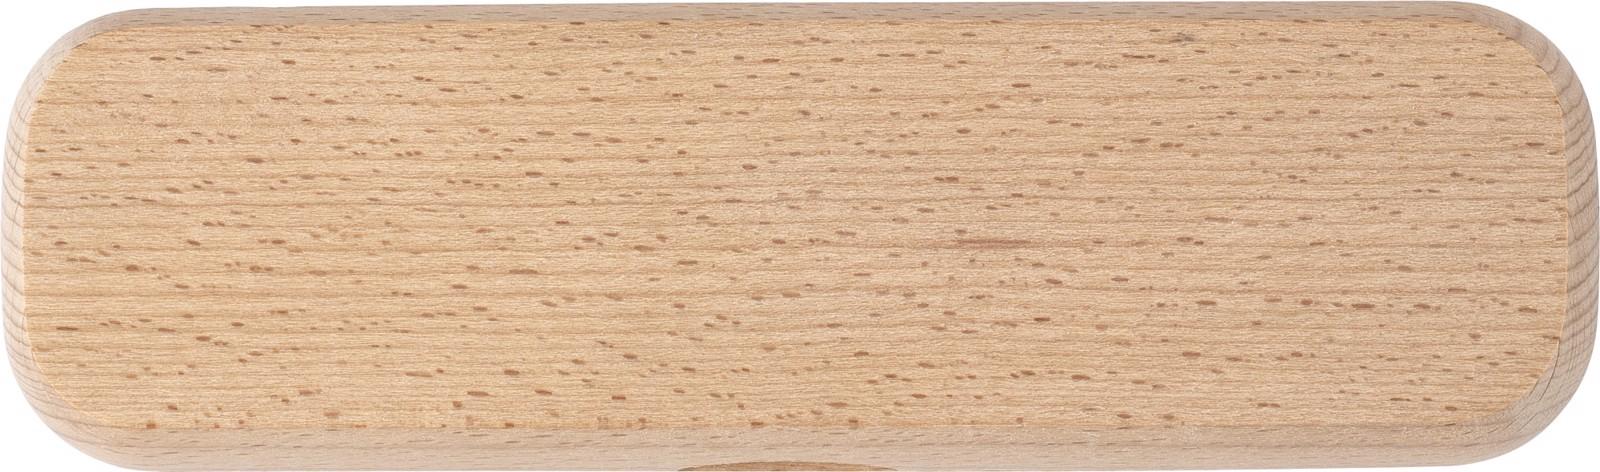 Bolígrafo y roller, de madera de haya